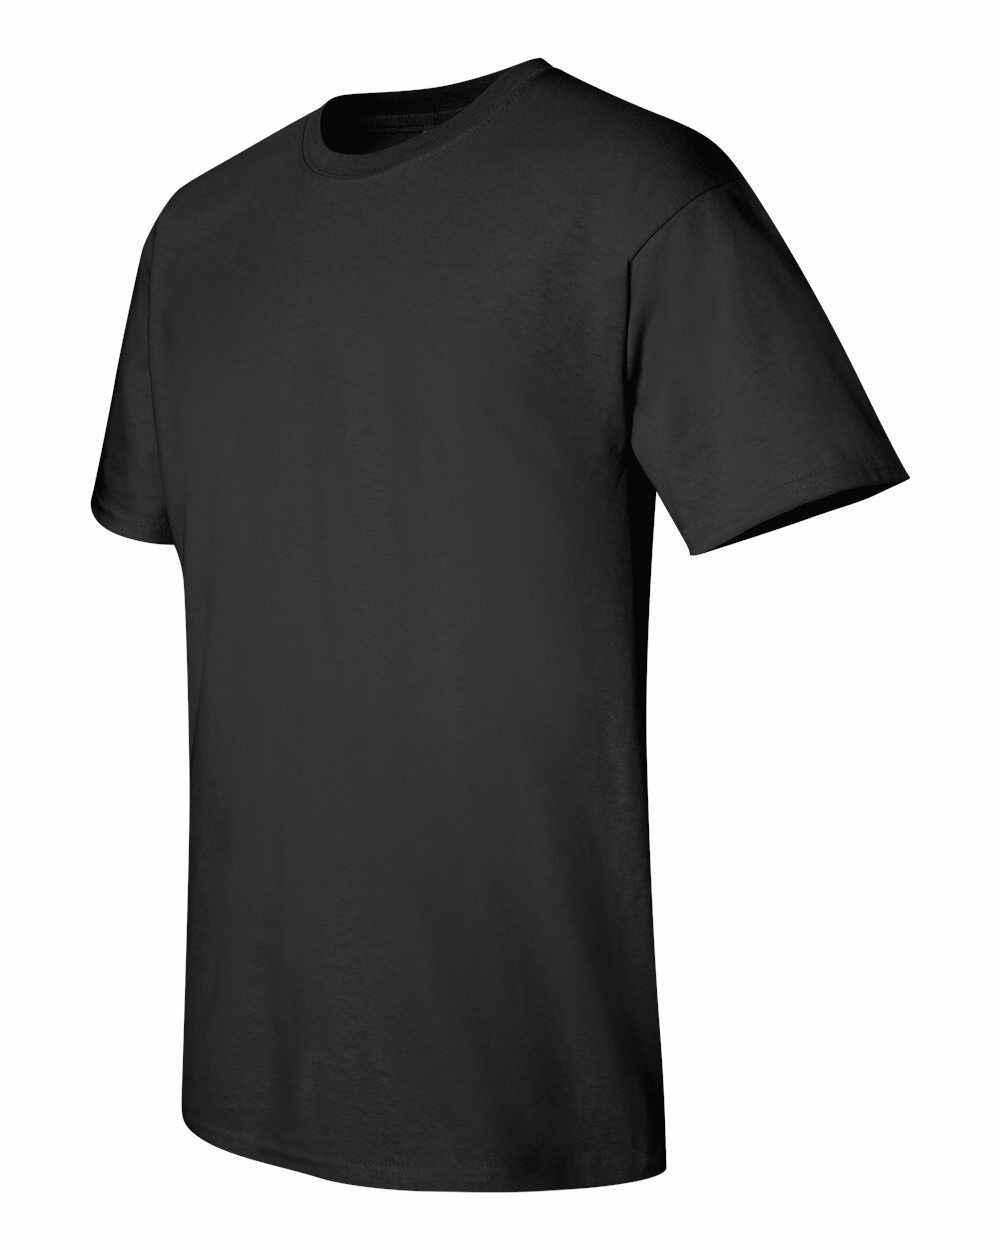 15 оптом Lotharajuku уличная рубашка Menheavy хлопок 5000 оптовая продажа черные футболки для